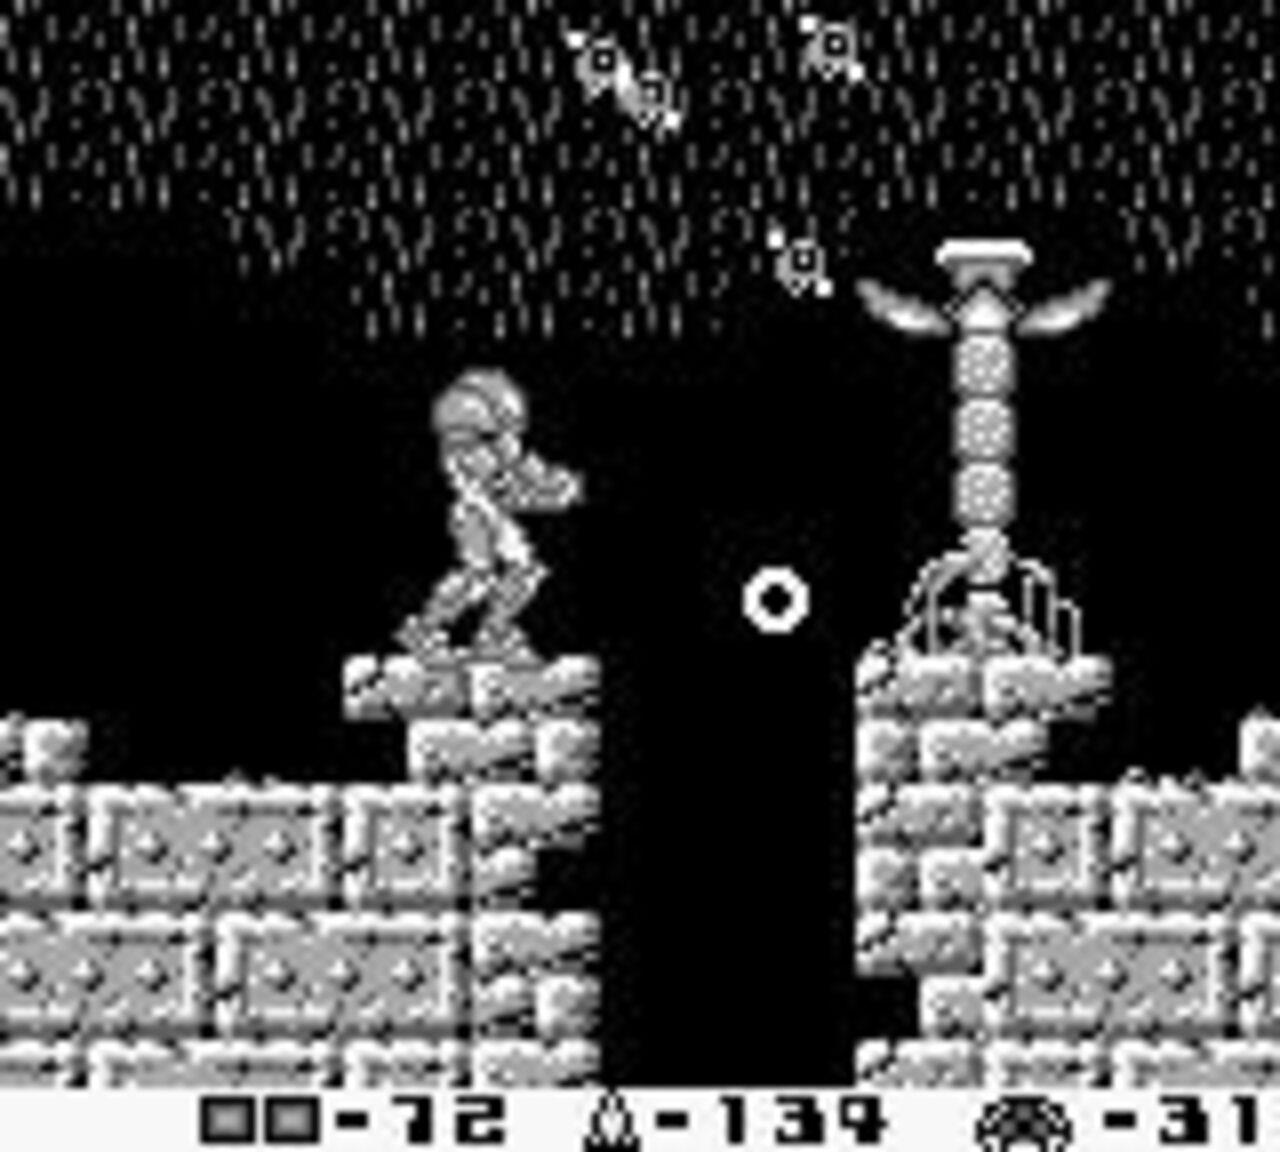 Metroid II - Return of Samus Game Boy